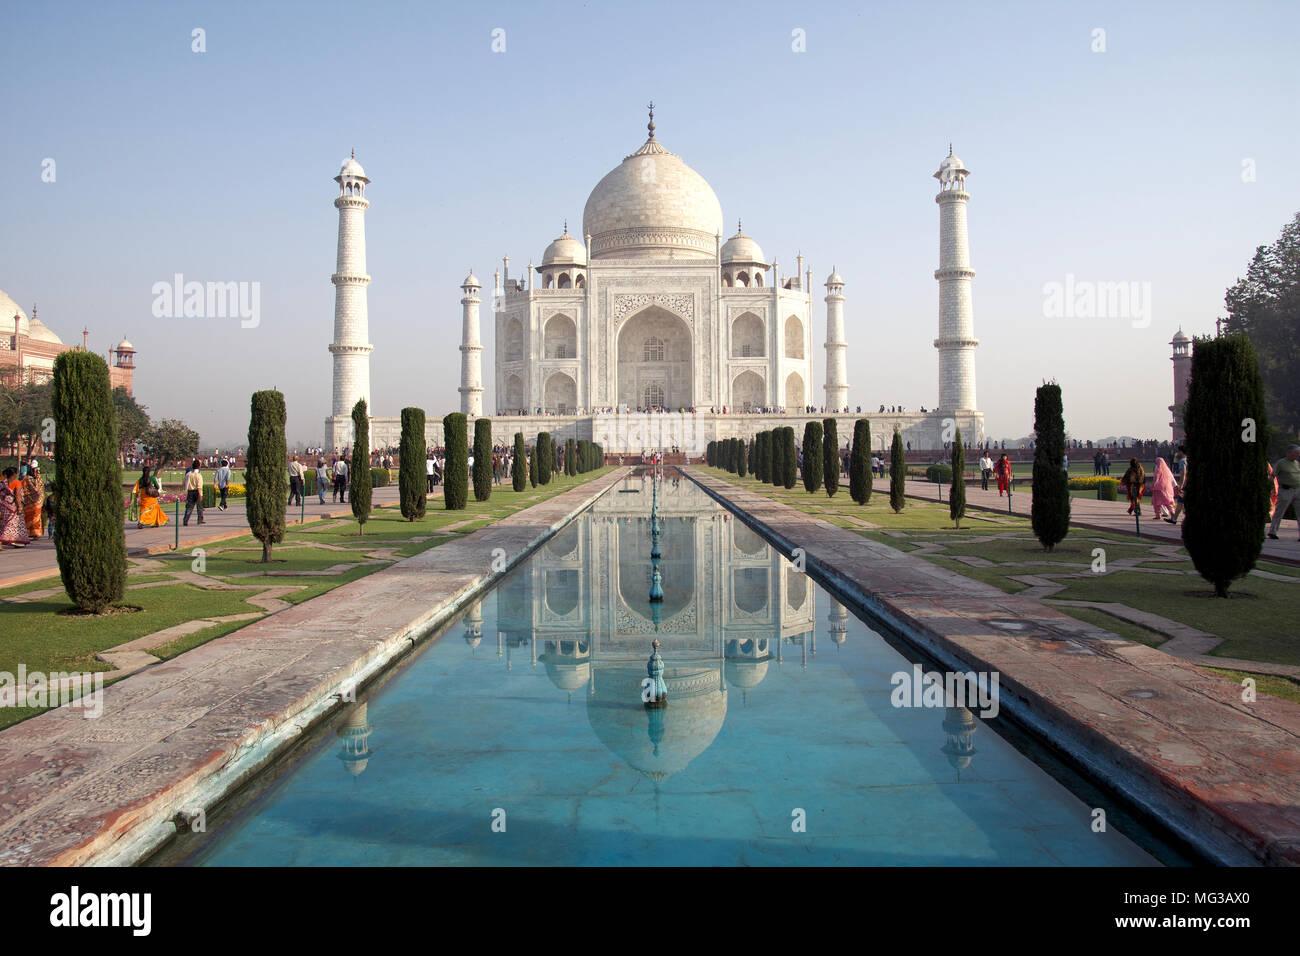 Taj Mahal in Agra, India - Stock Image